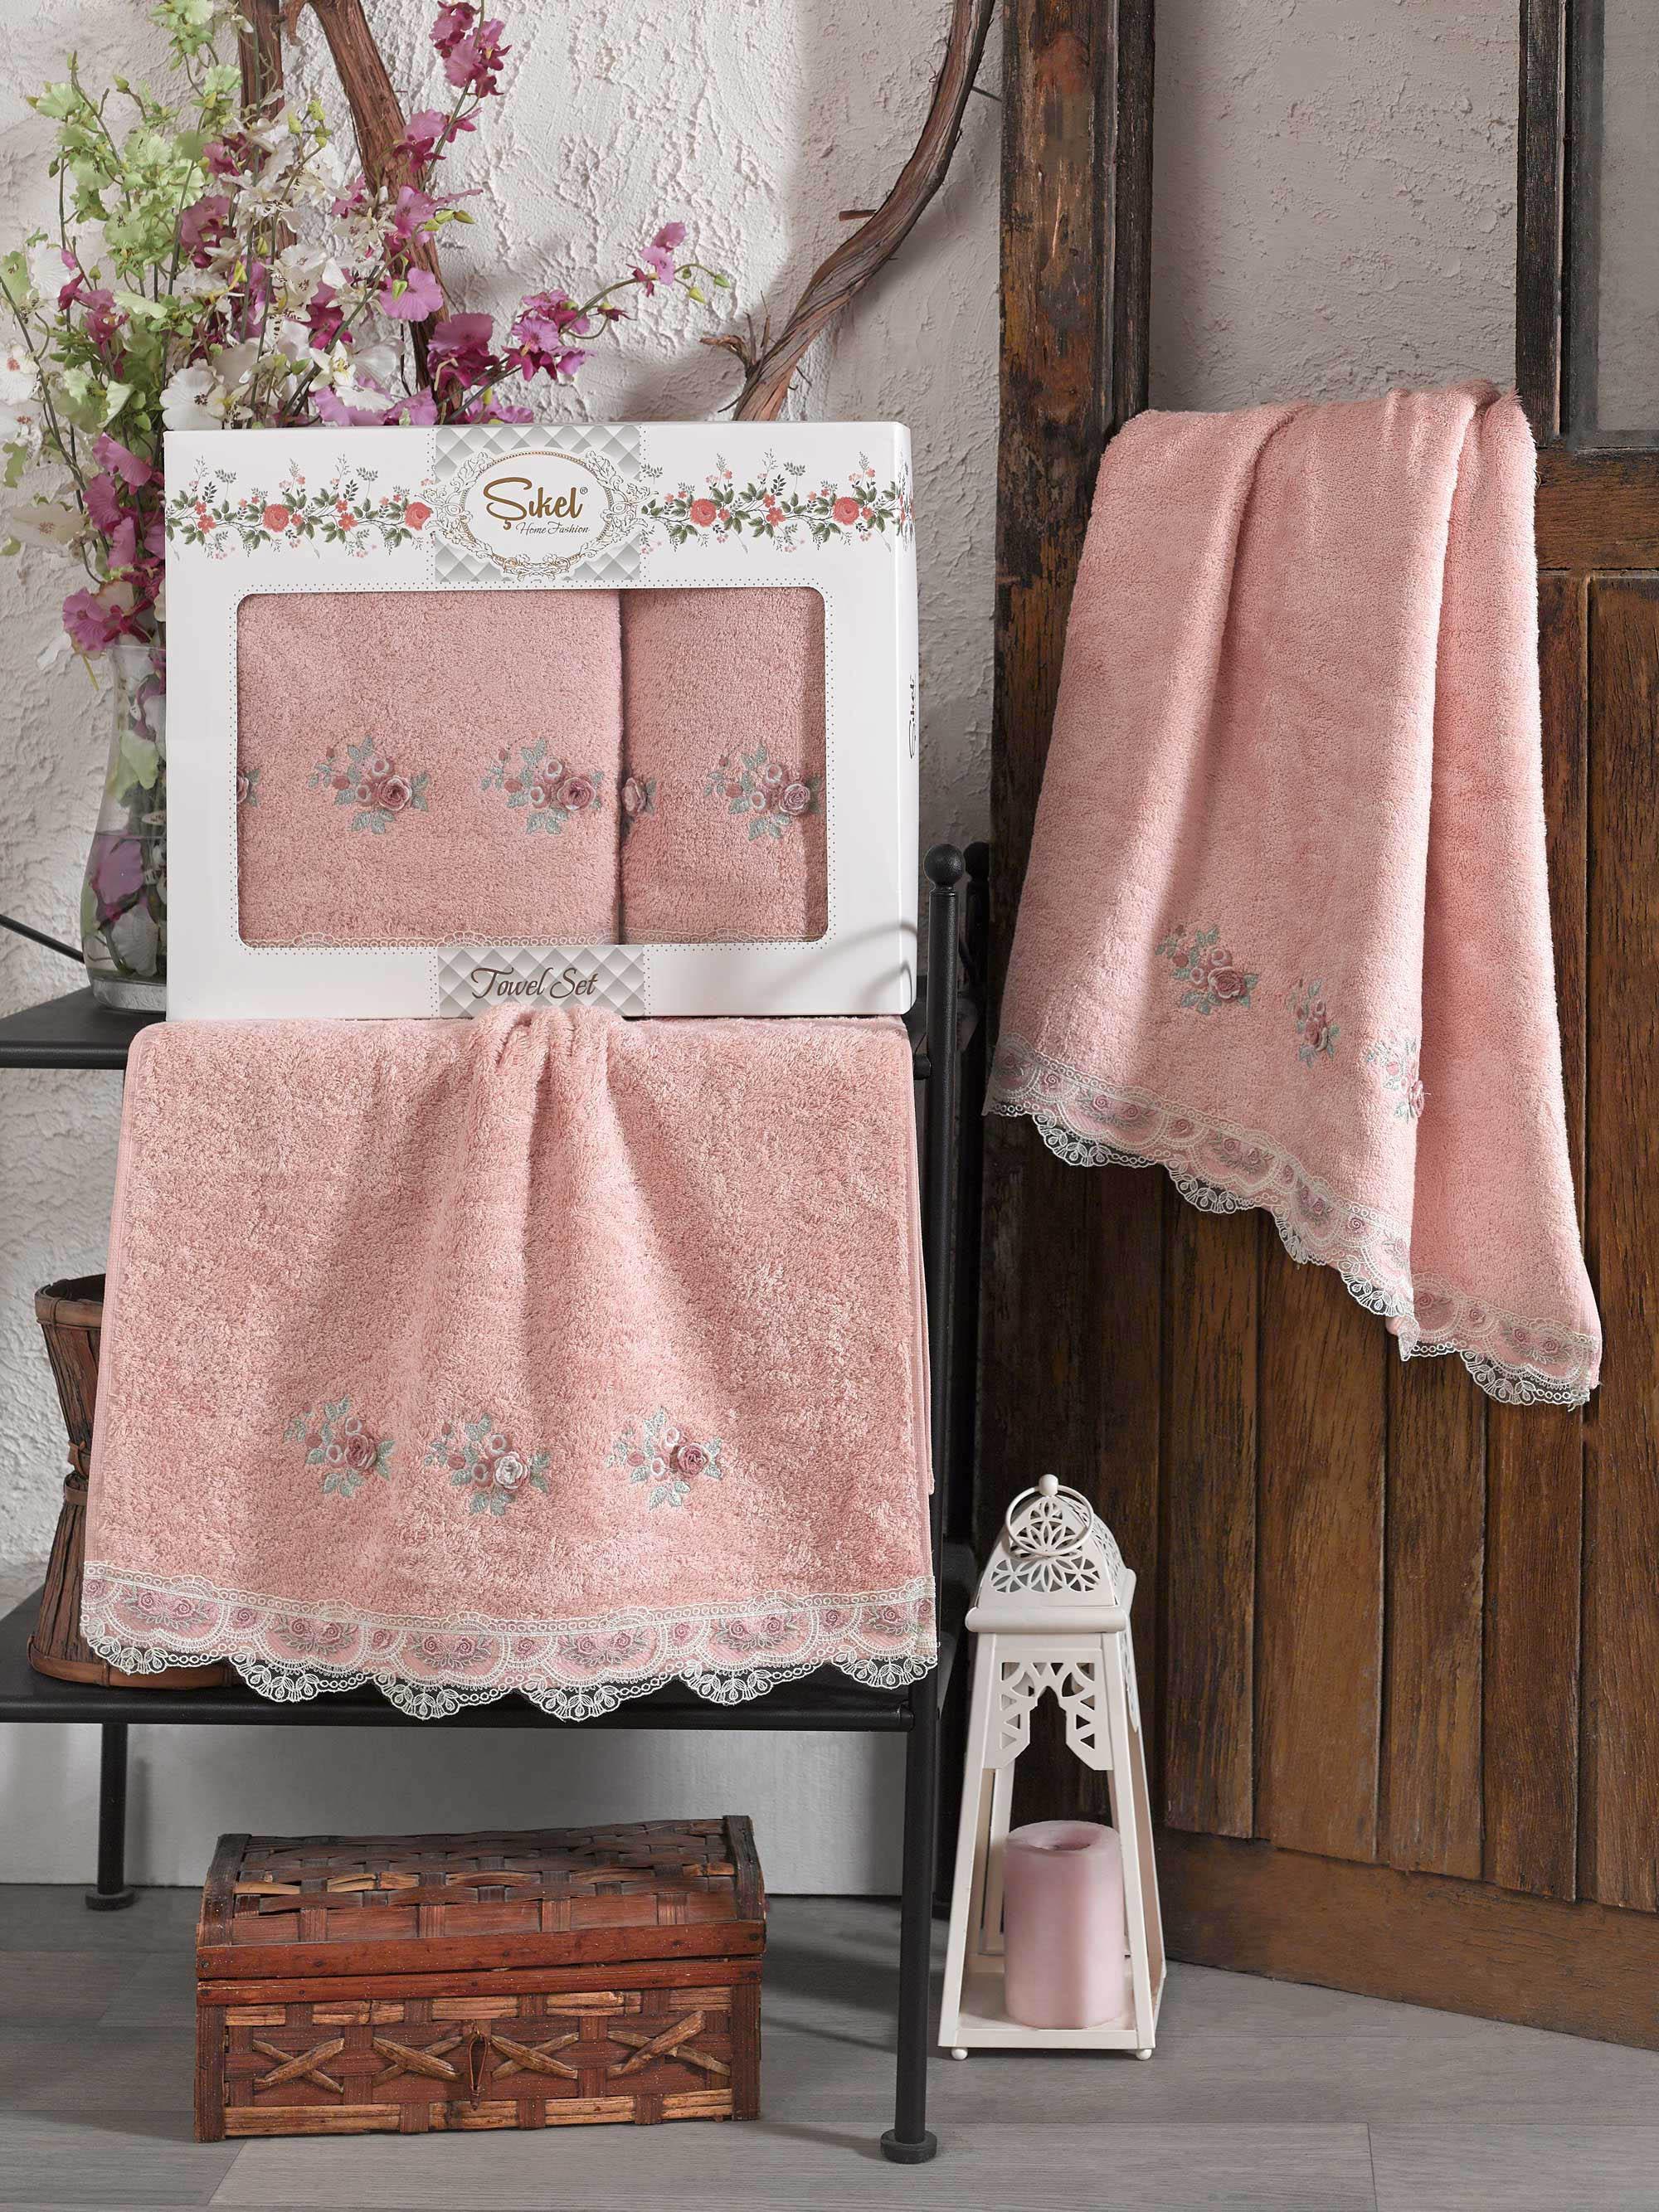 Полотенца Sikel Полотенце London Цвет: Пудра (50х90 см,70х140 см) полотенца sikel полотенце kanevice цвет пудра 50х90 см 70х140 см